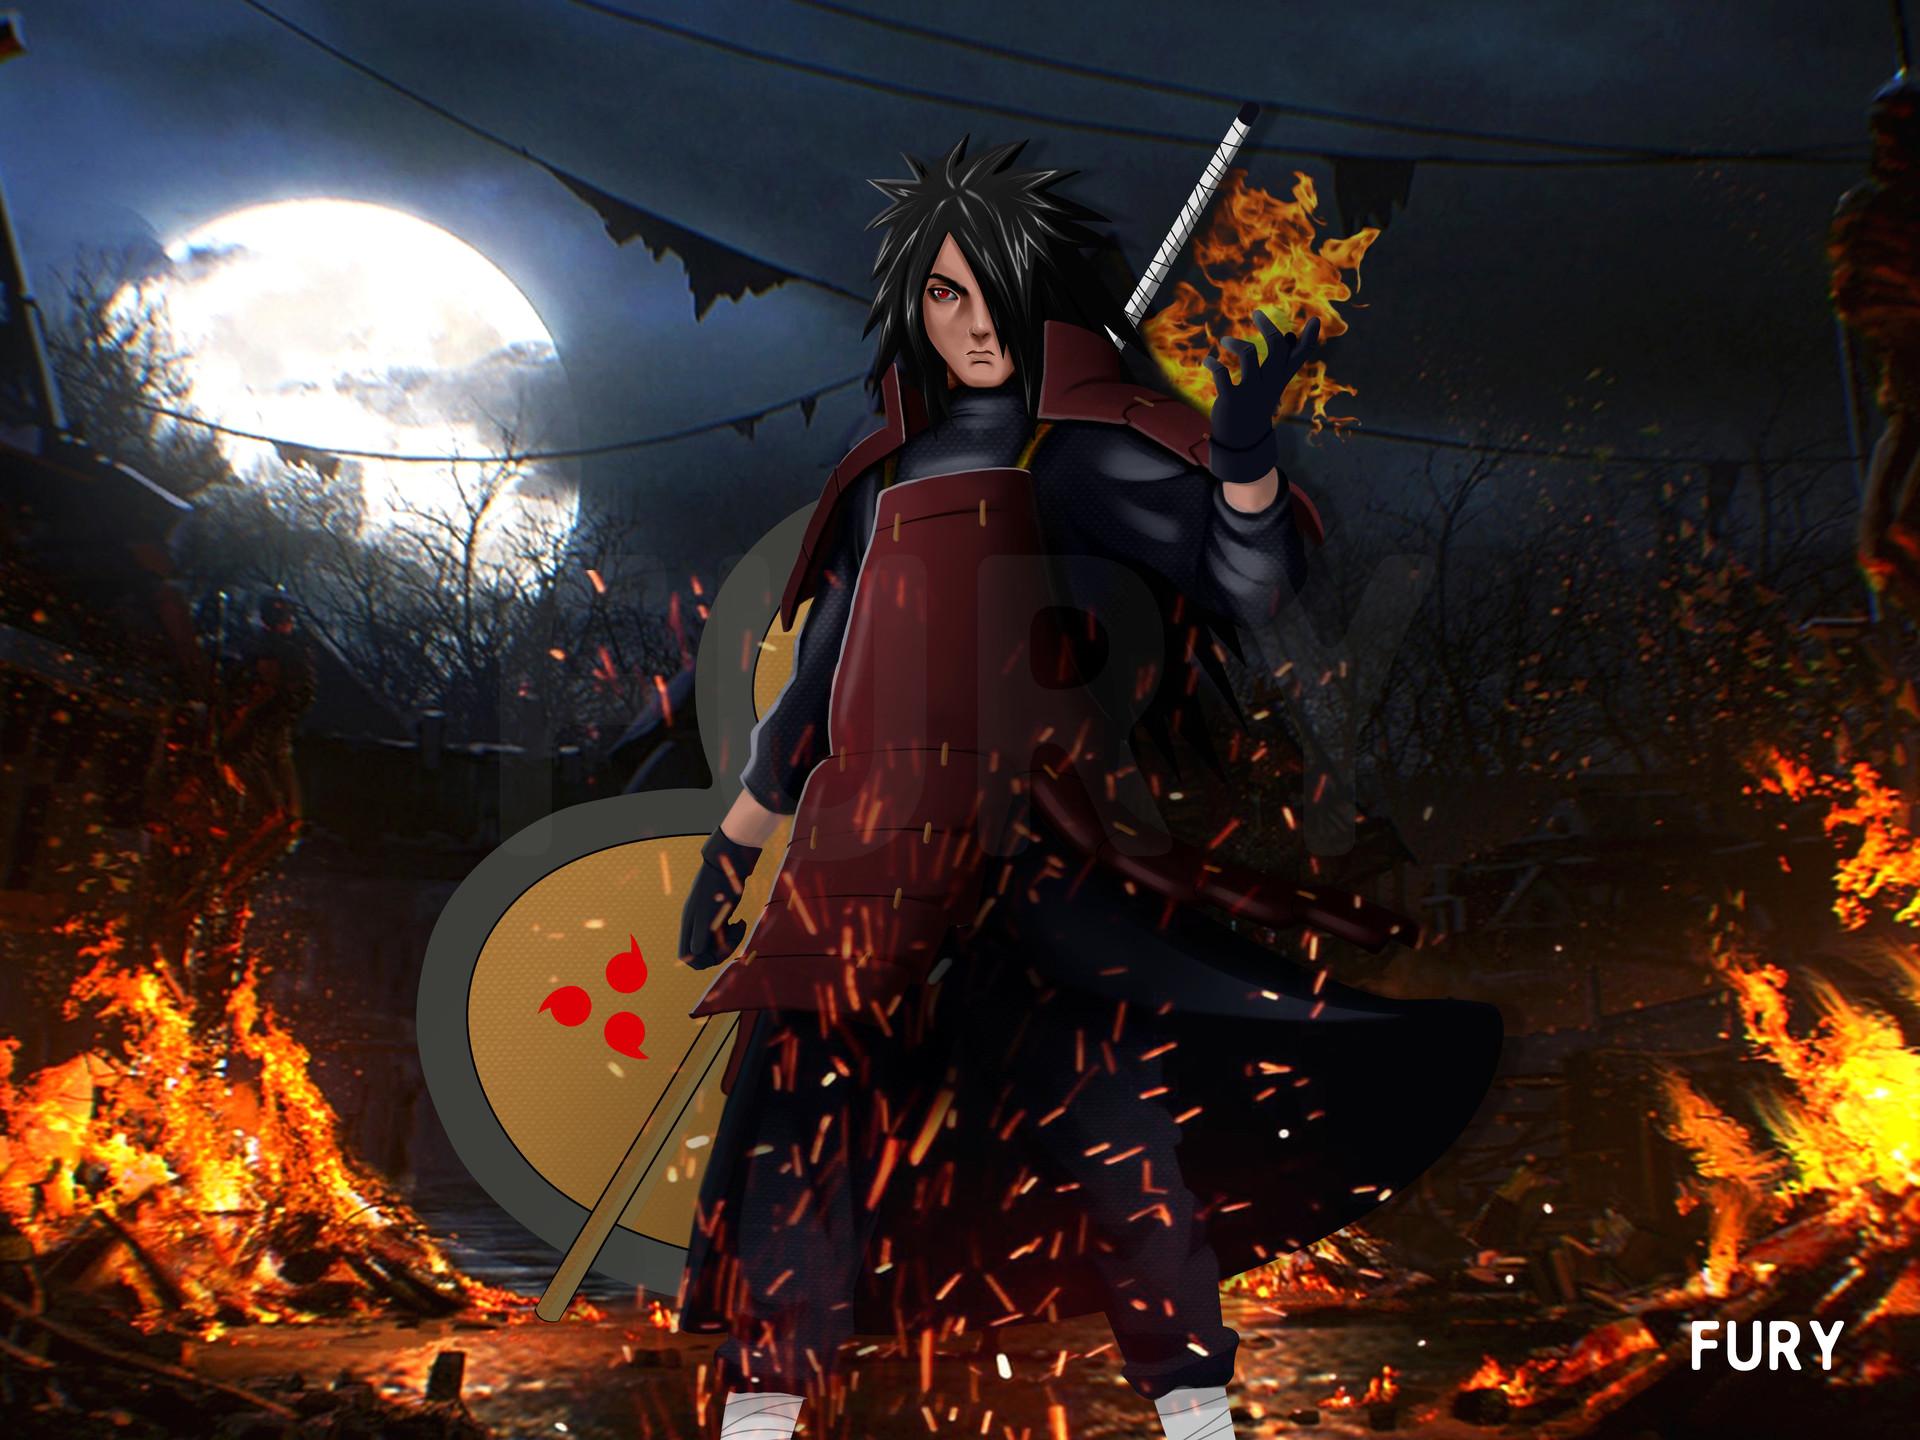 Imagens De Madara Naruto Shippuden Uchiha S H Figuarts Tsume Art Bharat Fury Concept